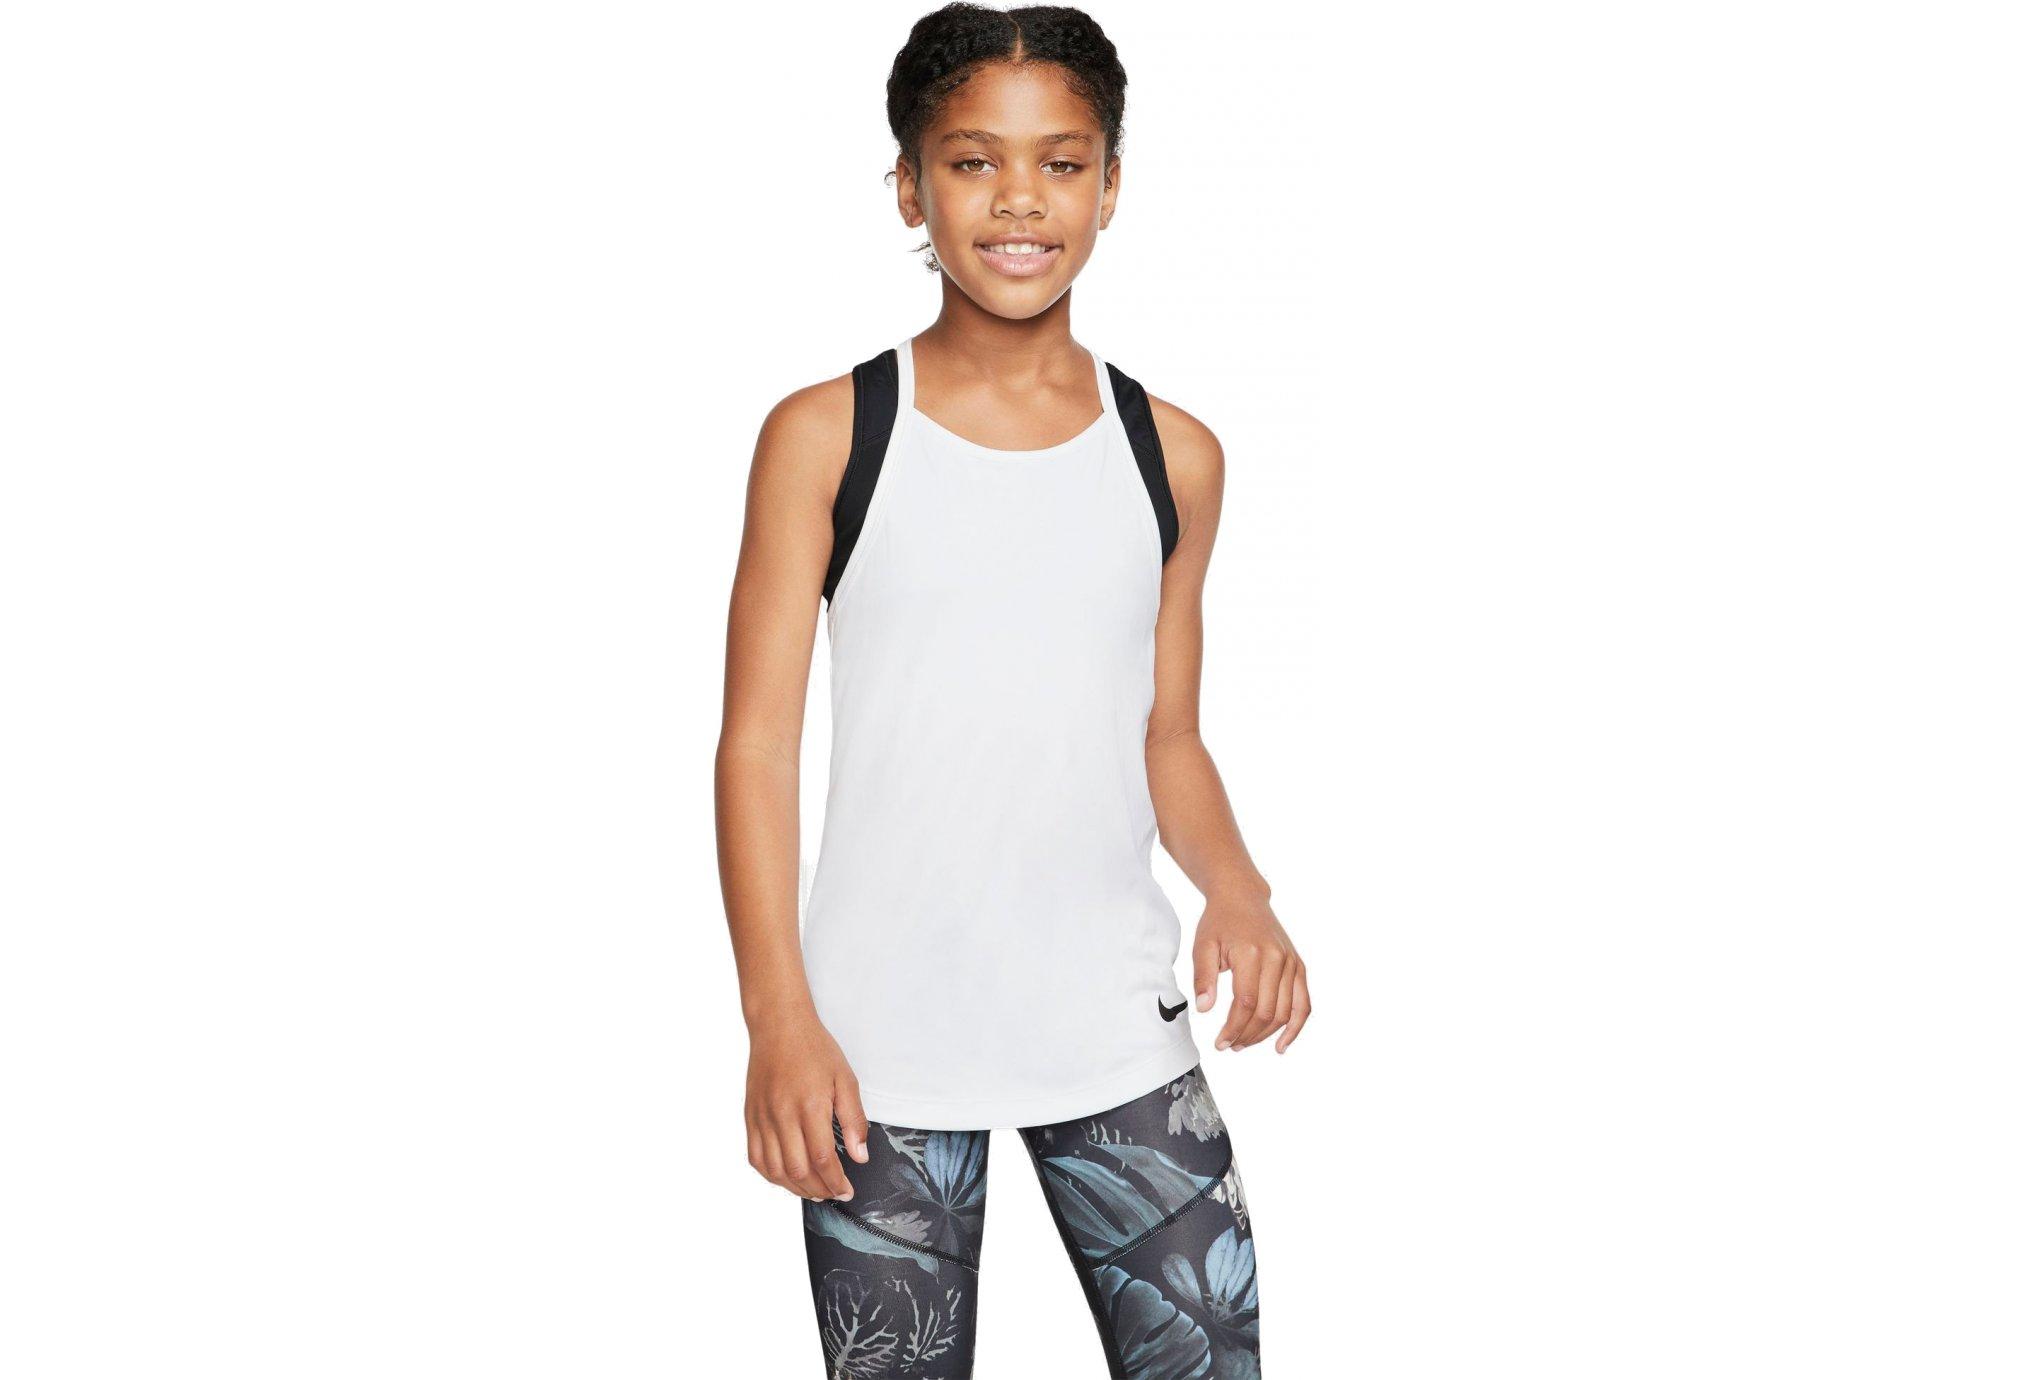 Nike Dry Fille vêtement running femme